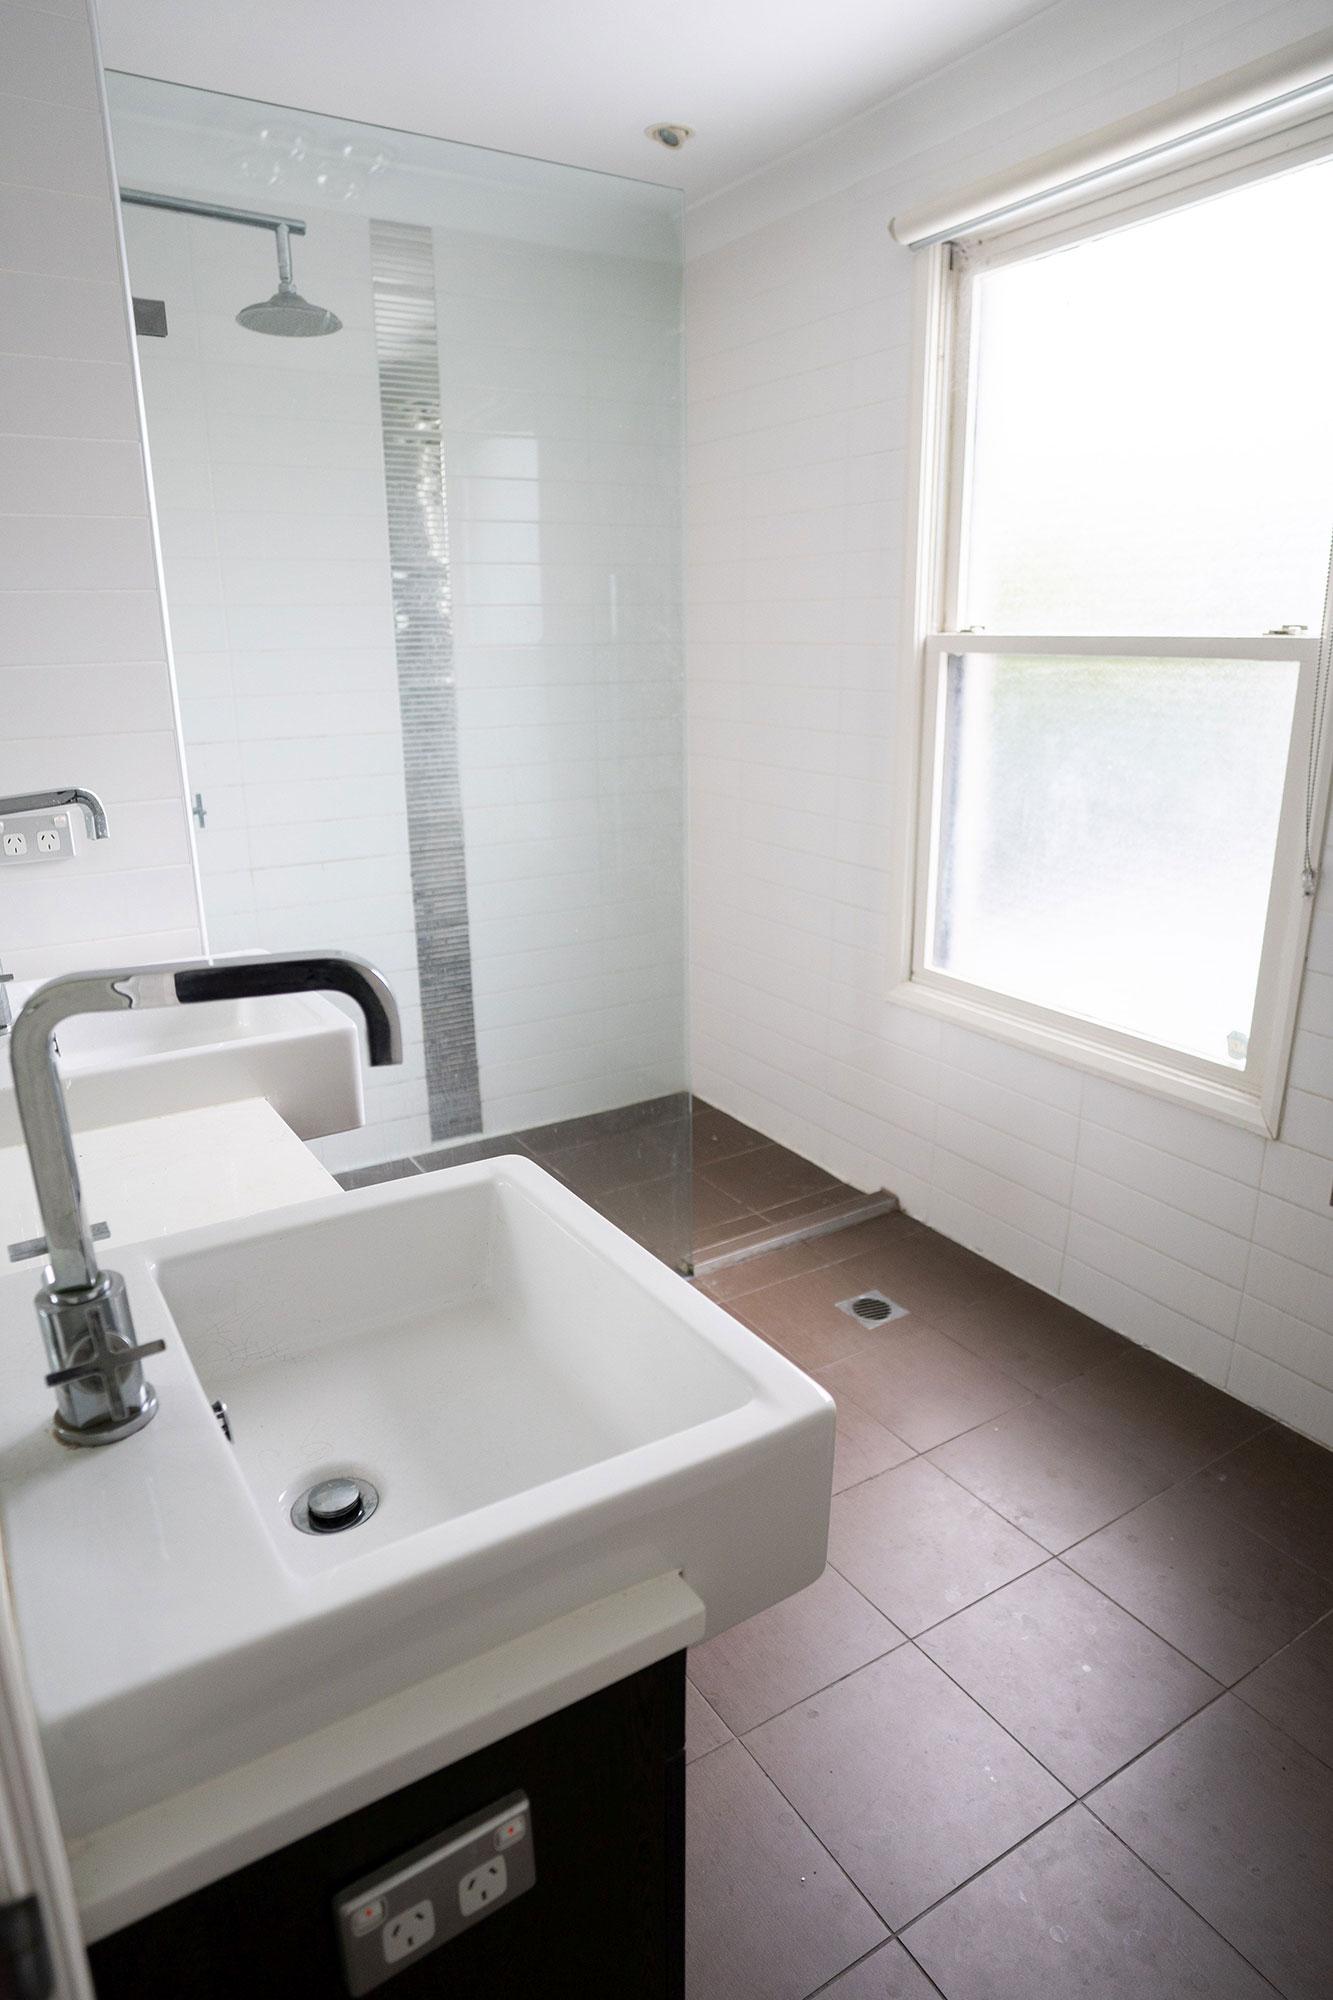 bathrooms sydney belle bathrooms Rydalmere